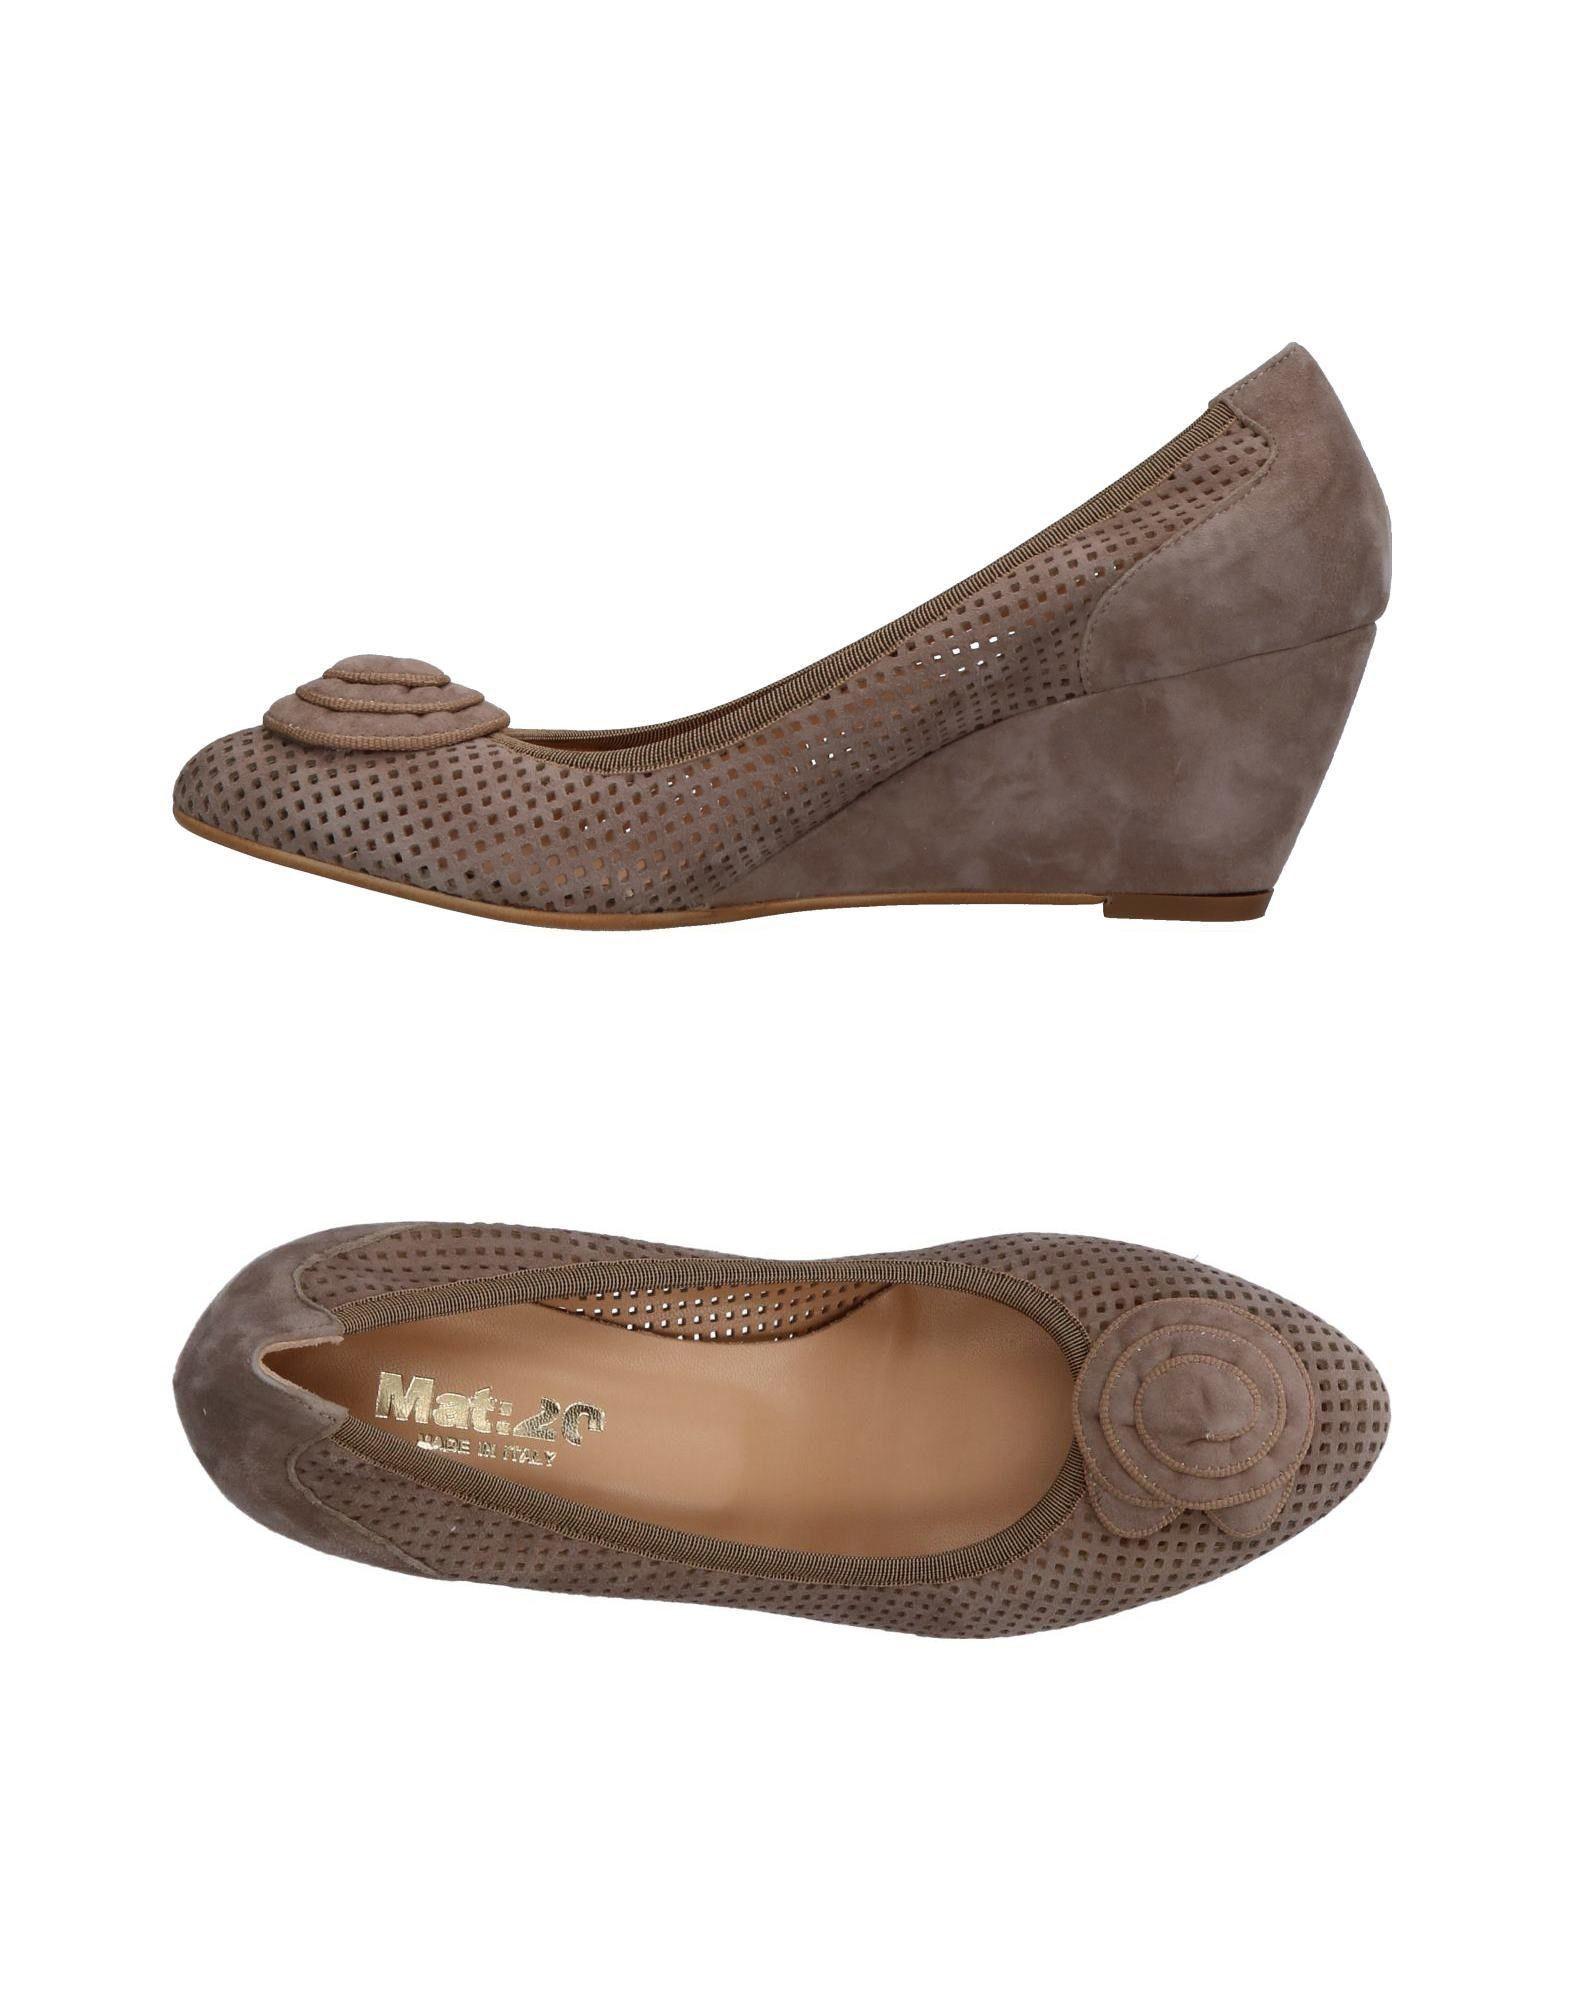 Mat:20 Gute Pumps Damen  11362015KV Gute Mat:20 Qualität beliebte Schuhe 858dd8